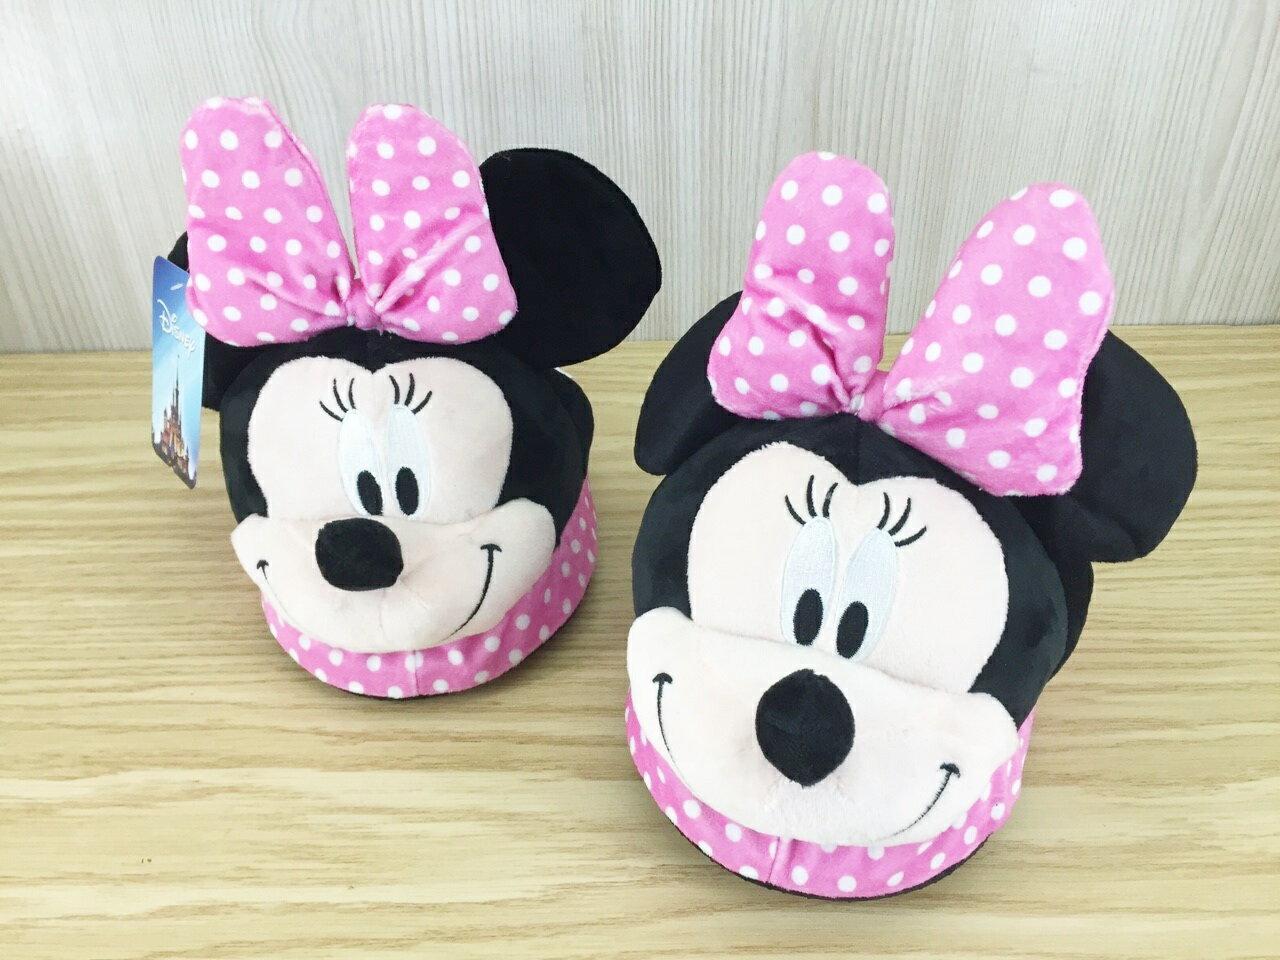 【真愛日本】15122600003 大頭絨毛室內拖鞋-米妮 米奇米妮 Mickey 保暖拖鞋 室內拖 生活居家